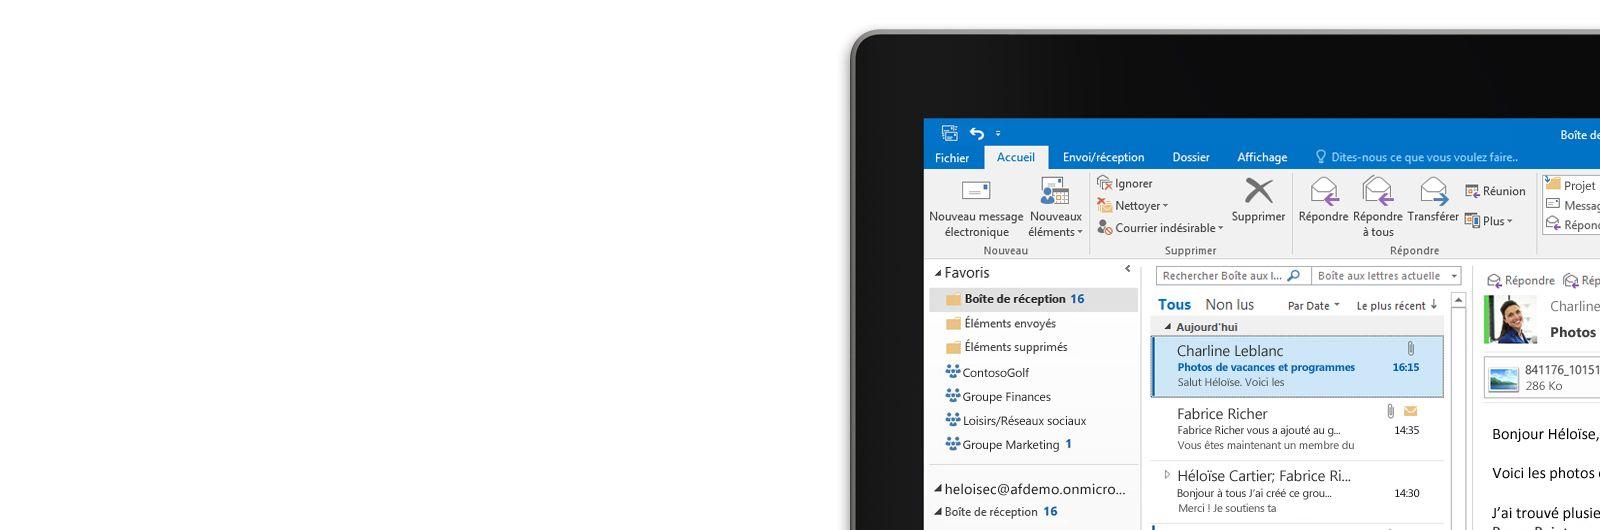 Tablette affichant une boîte de réception Microsoft Outlook2013 avec une liste de messages et un aperçu.